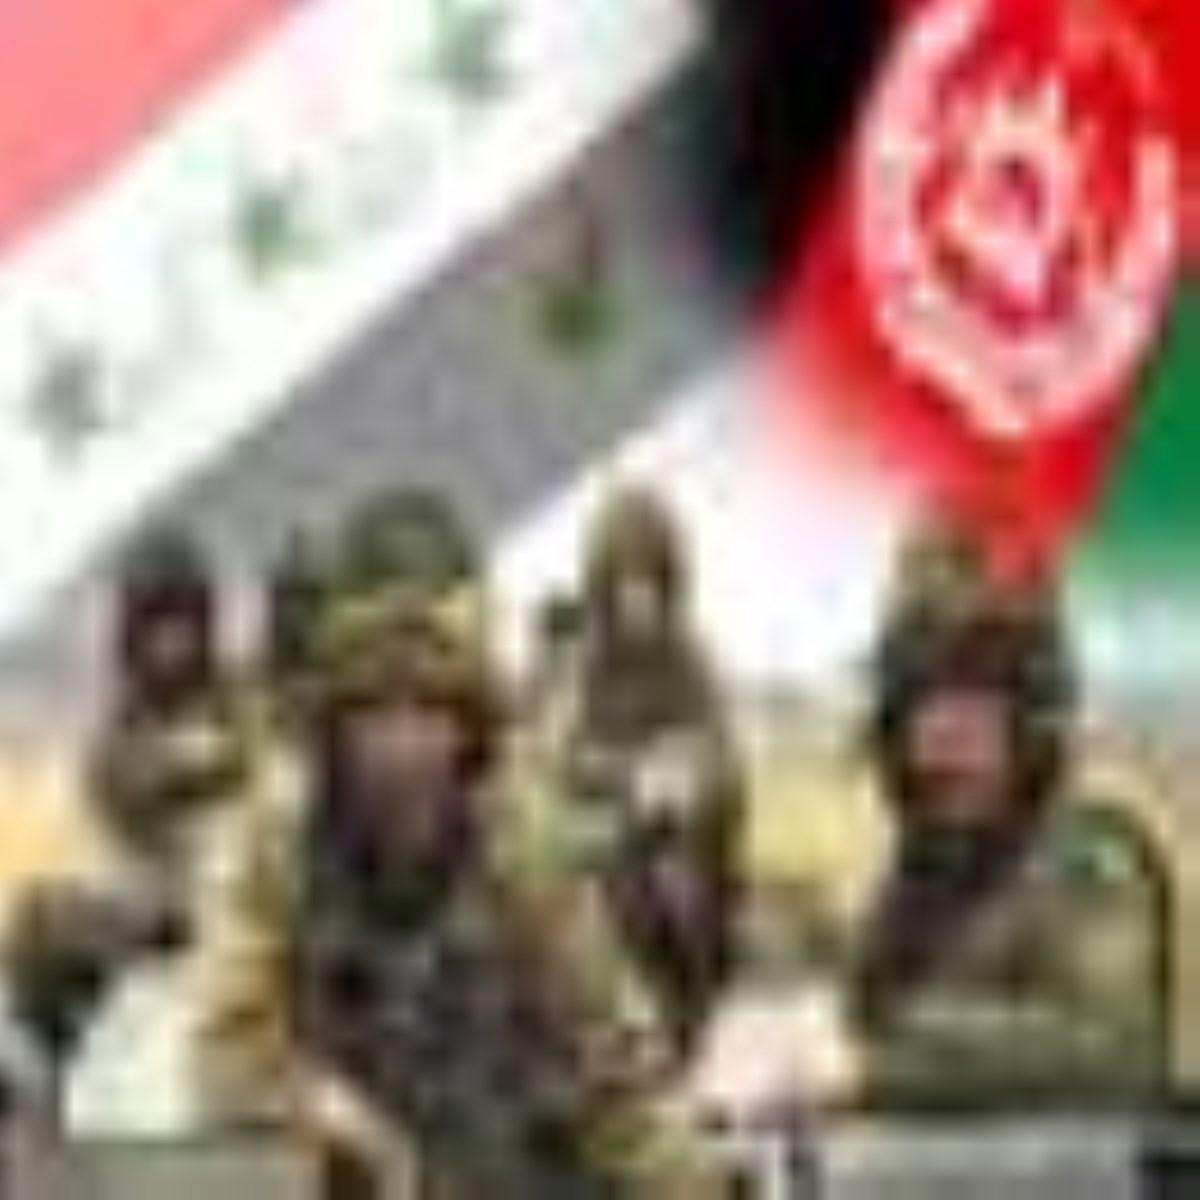 ناگفته های جنگ در عراق و افغانستان